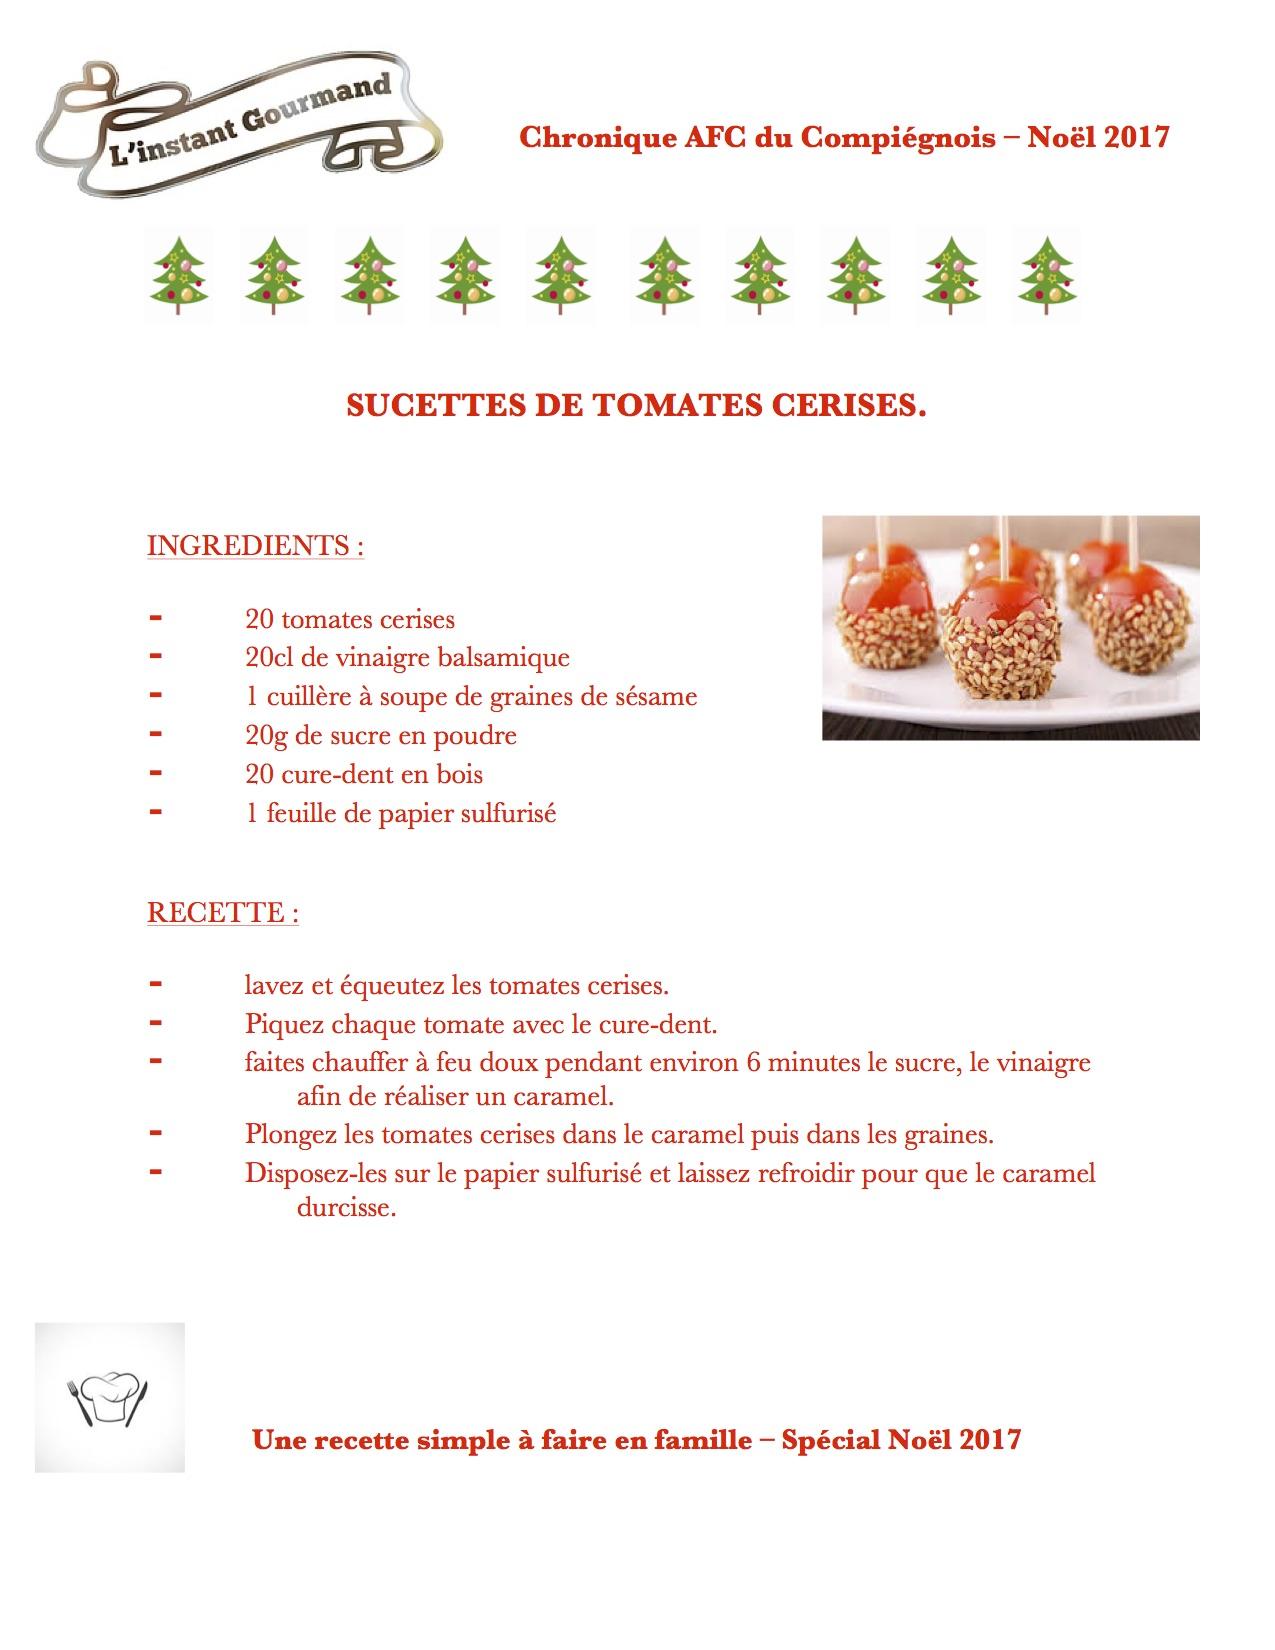 Sucettes de tomates cerises